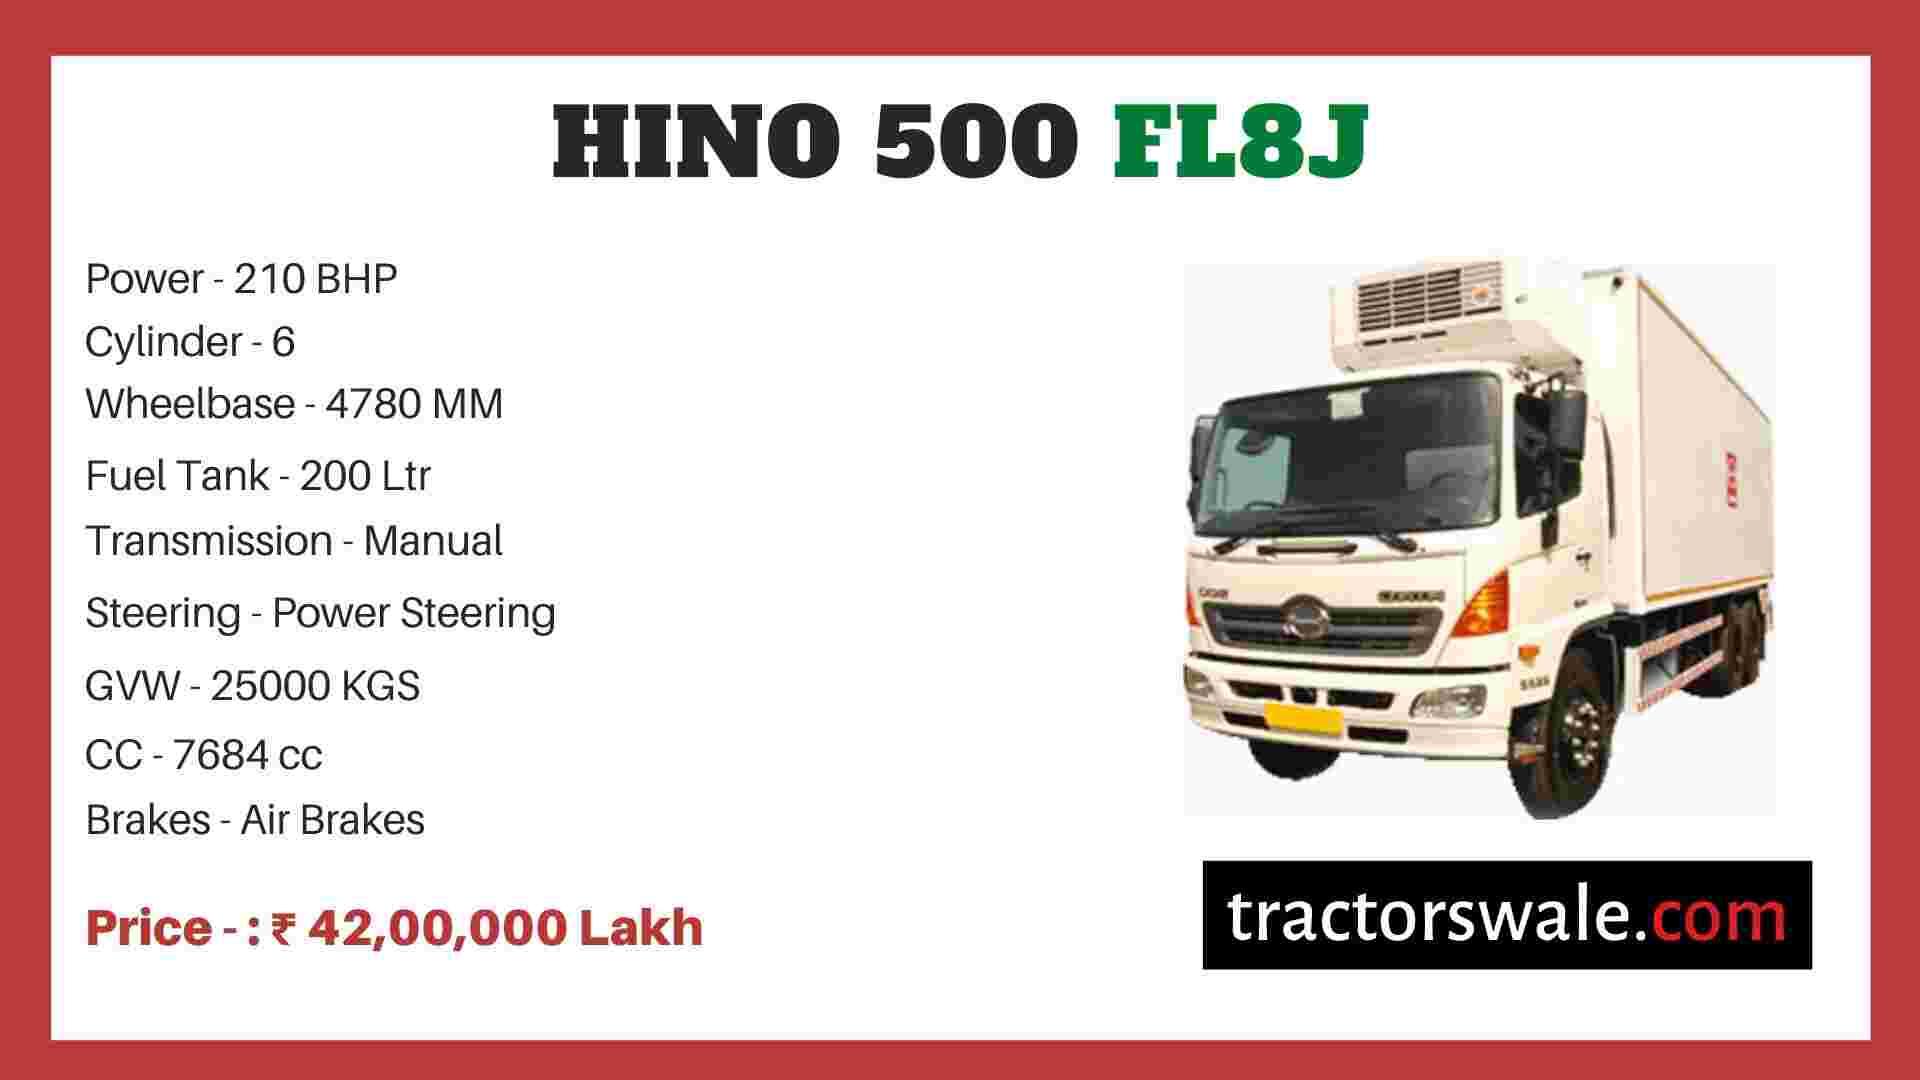 Hino 500 FL8J price